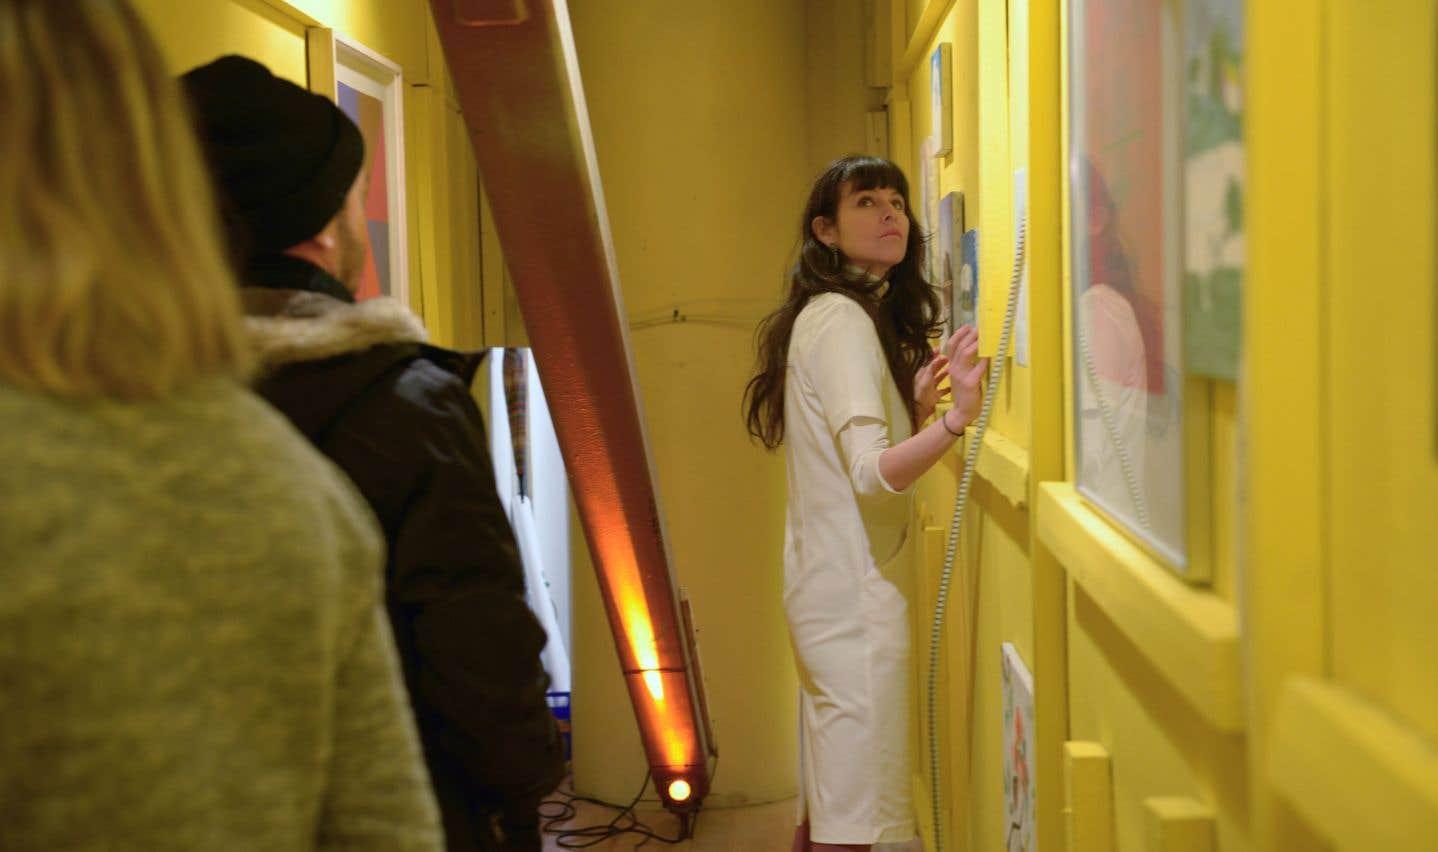 «OoS», une installation participative et hybride à la croisée de la performance, du théâtre, du cinéma, mais en galerie